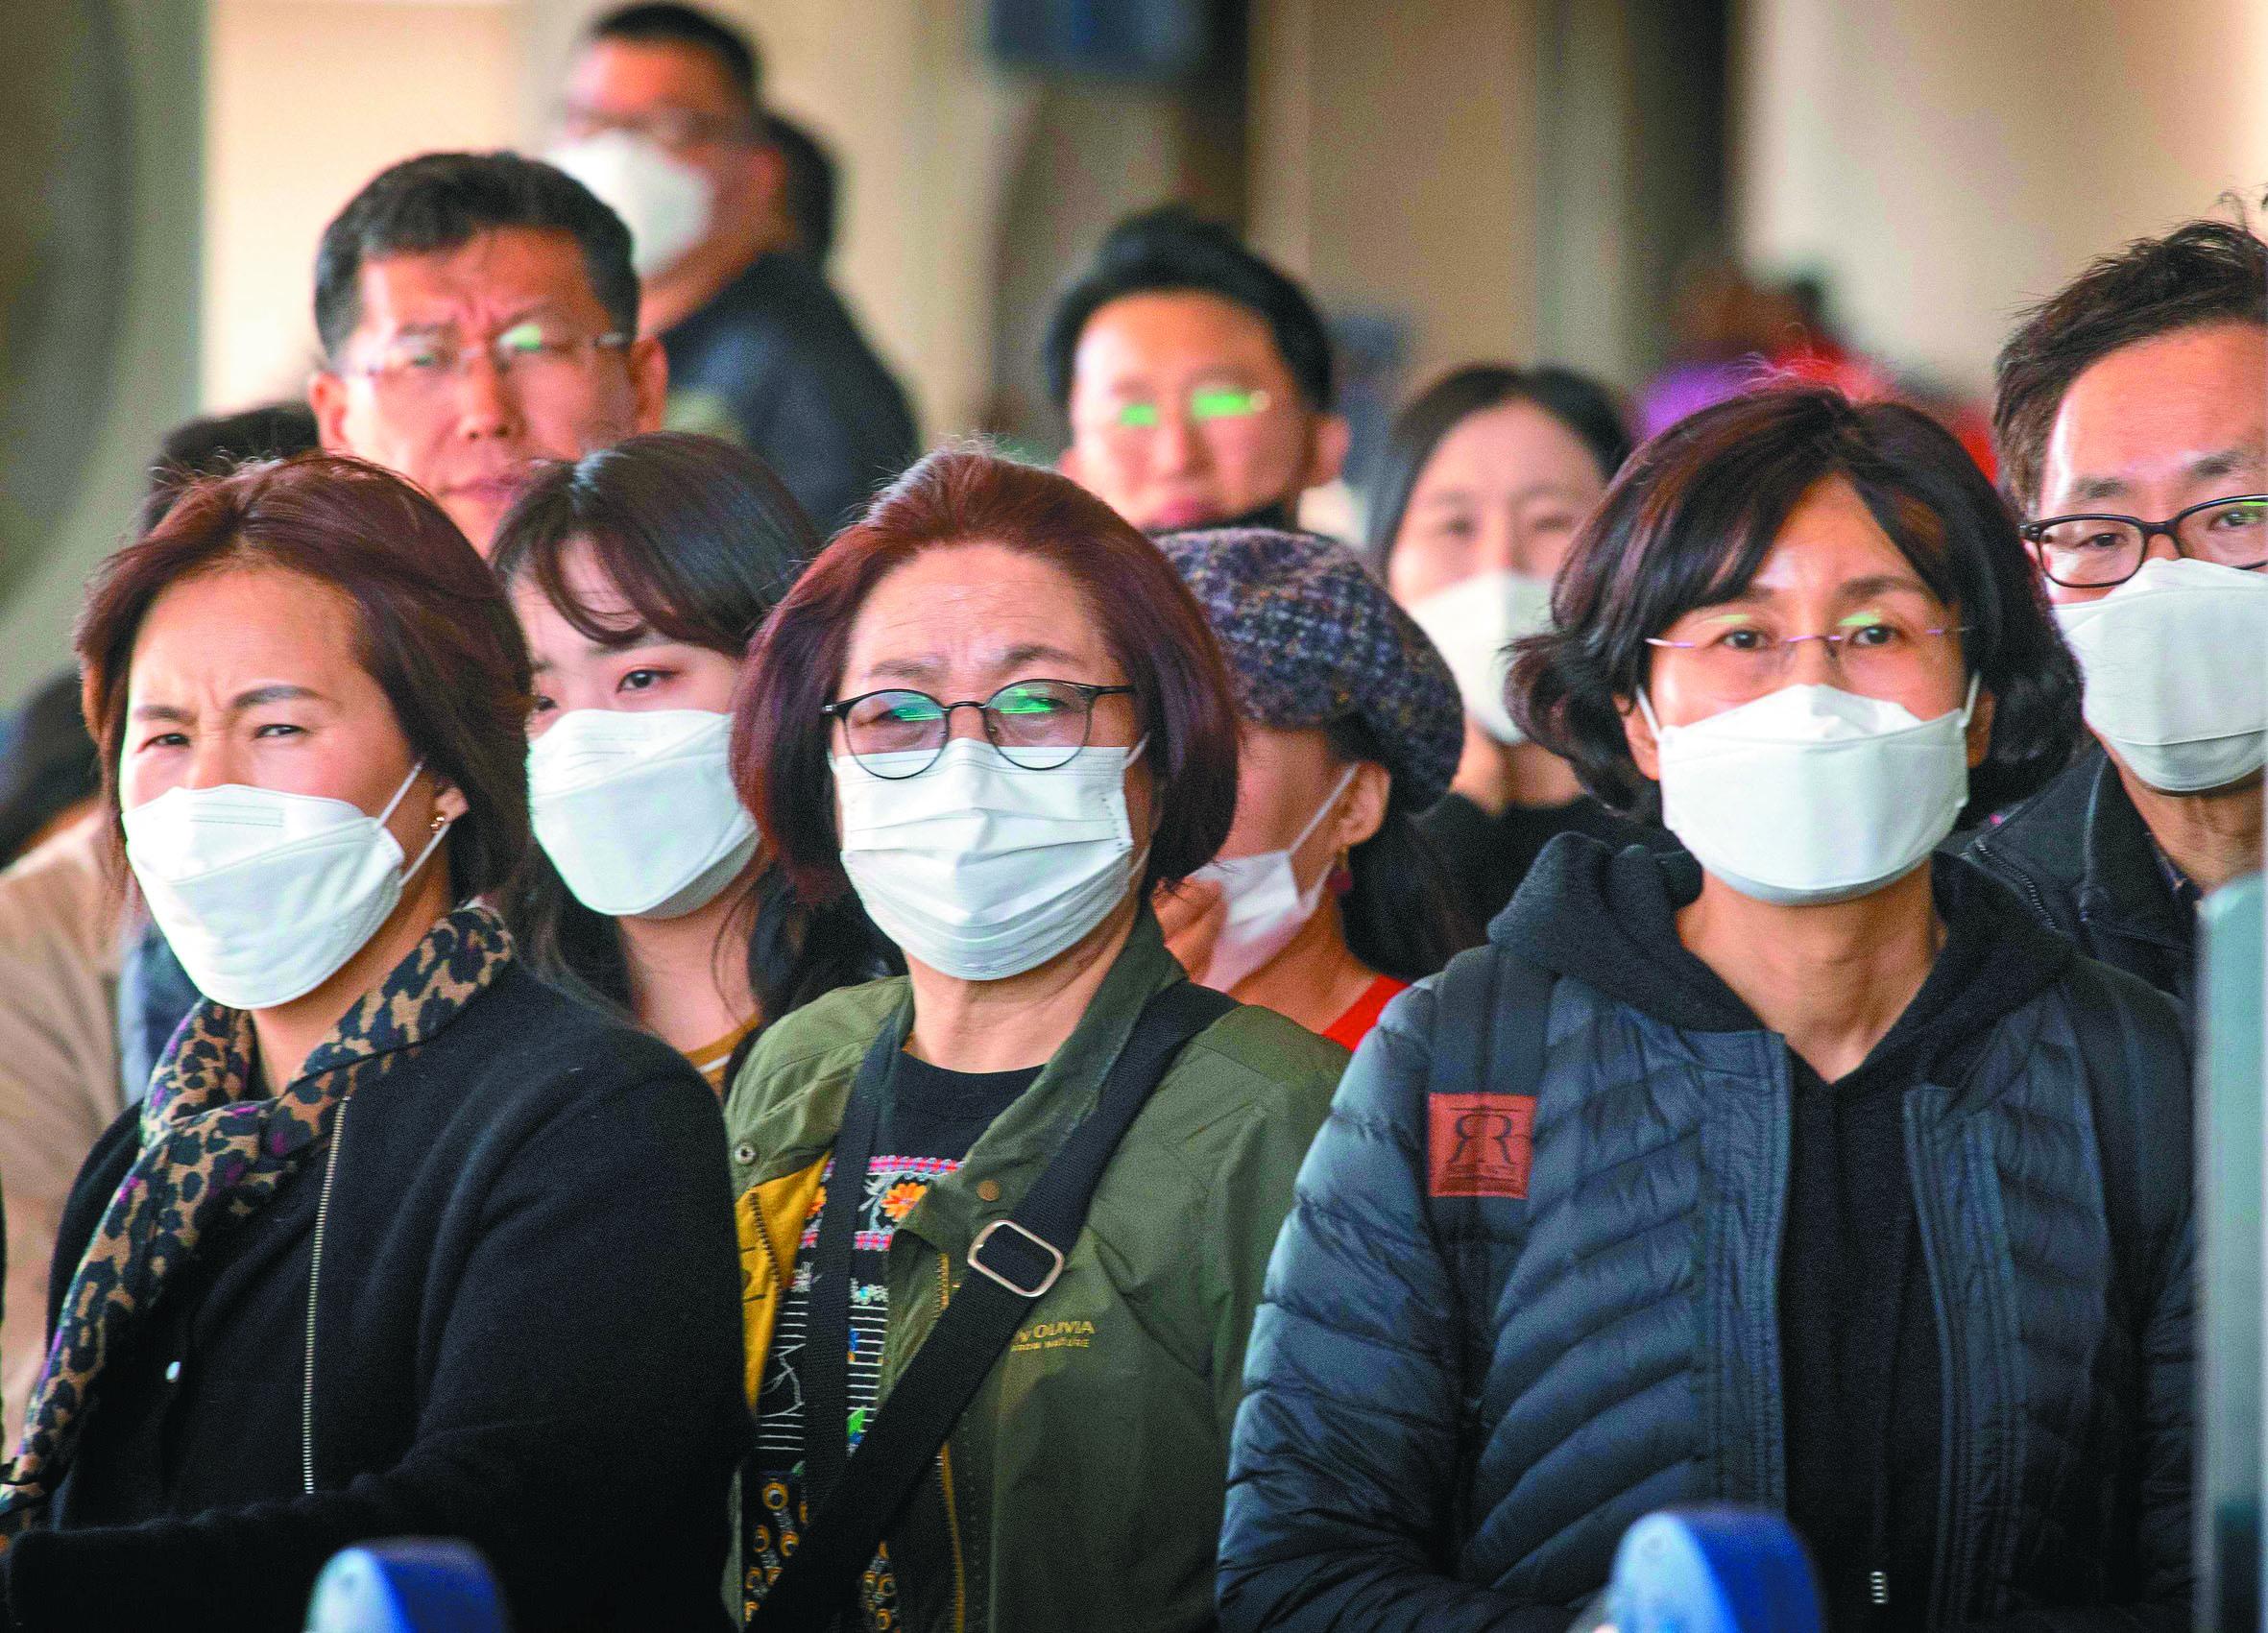 公衛專家擔心,新冠病毒在美國有爆發社區傳染的危險。圖為洛杉磯機場的入境旅客。(Getty Images)